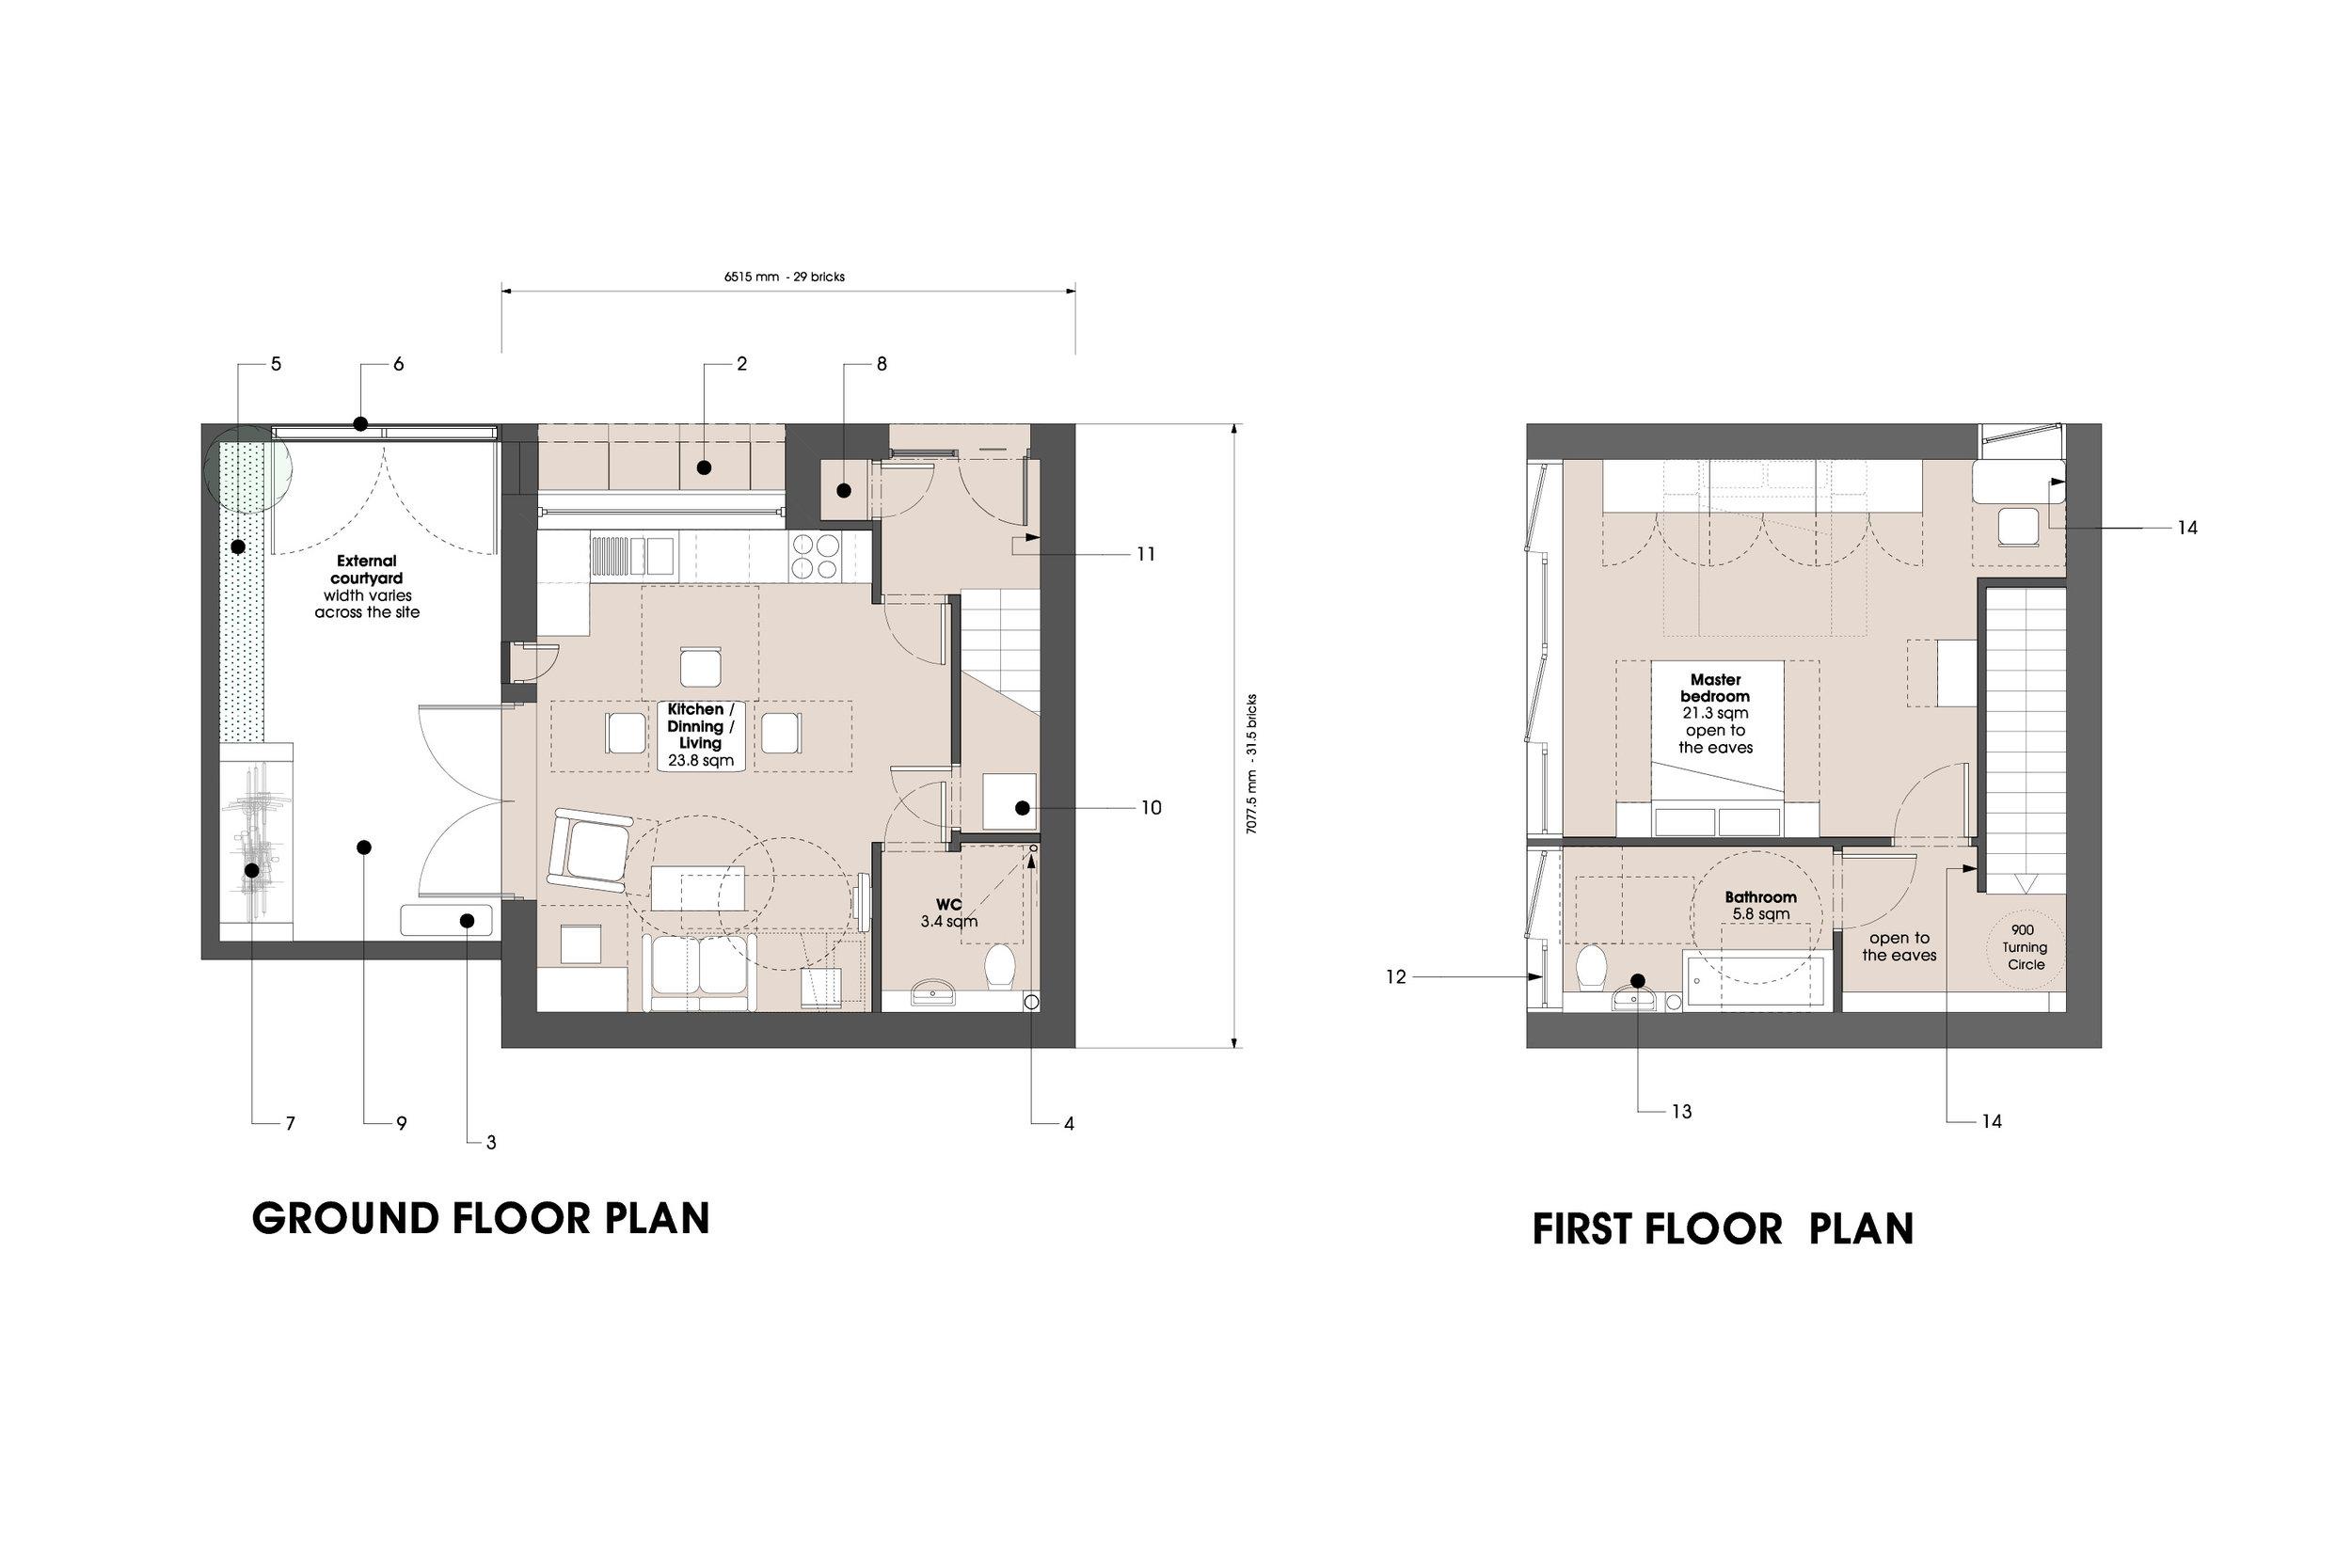 Floor Plan Design of Residential House Type at Social Housing Development in Hackney